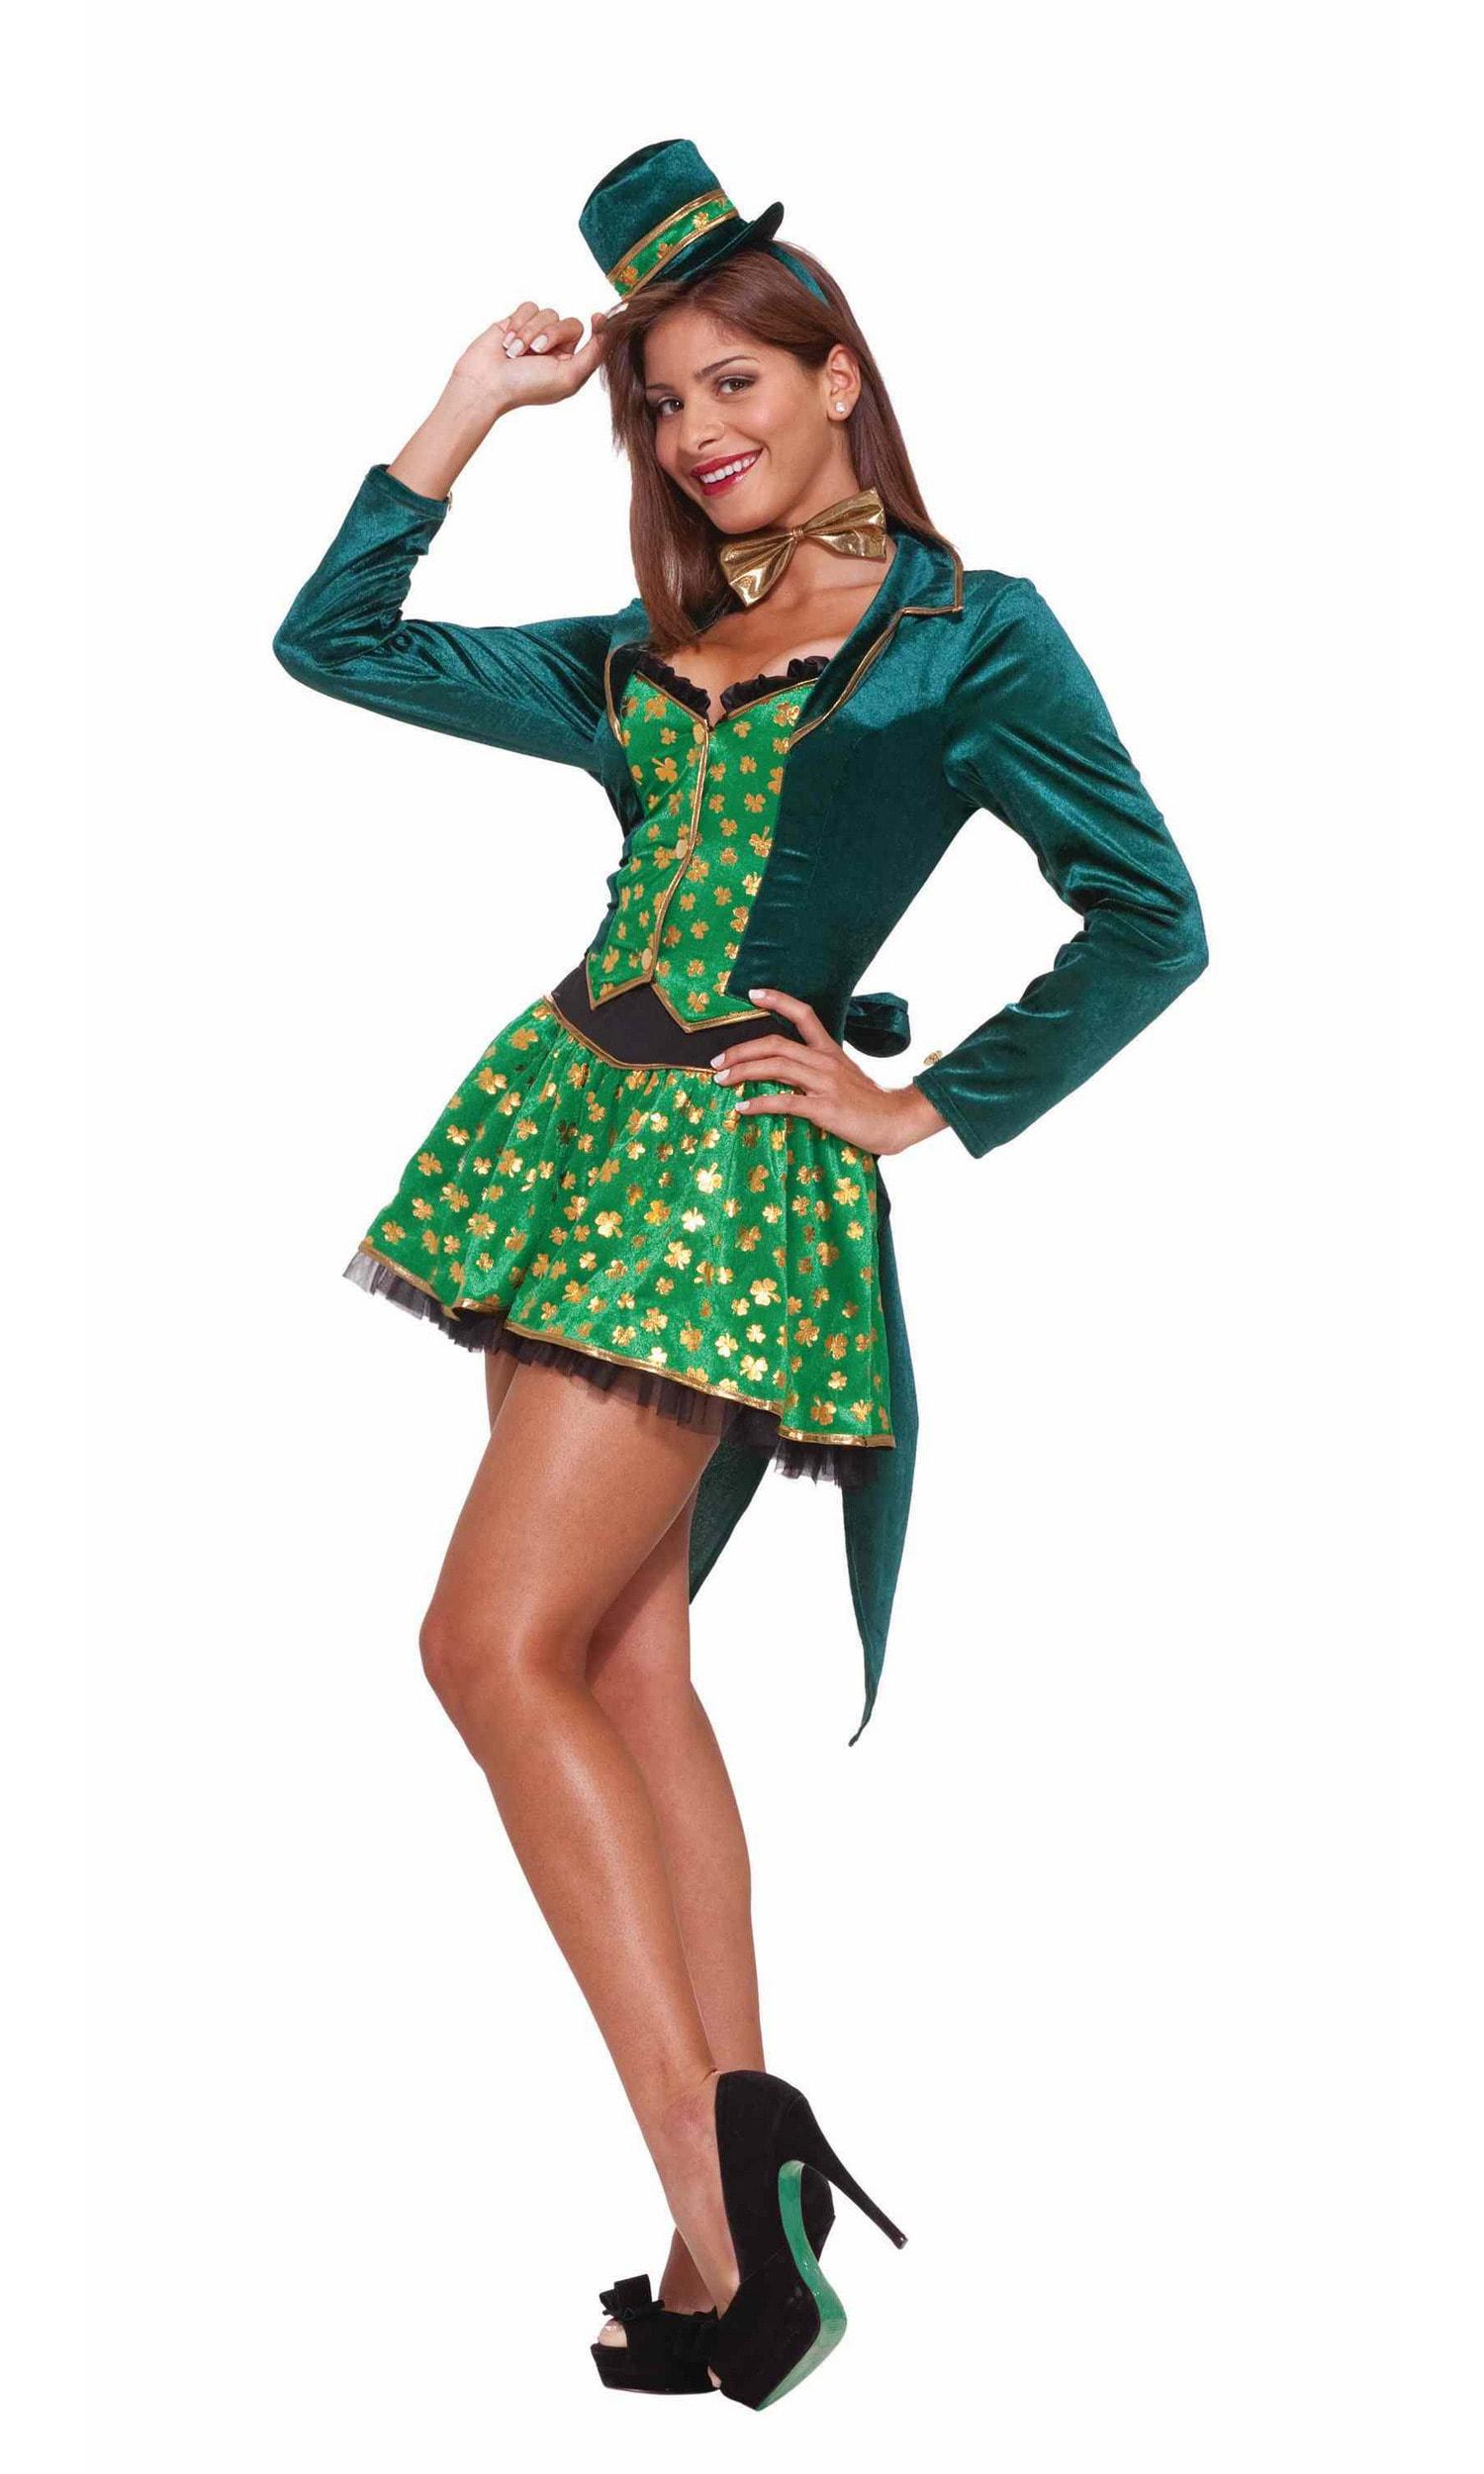 томас девушки в зеленой форме танцуют знать